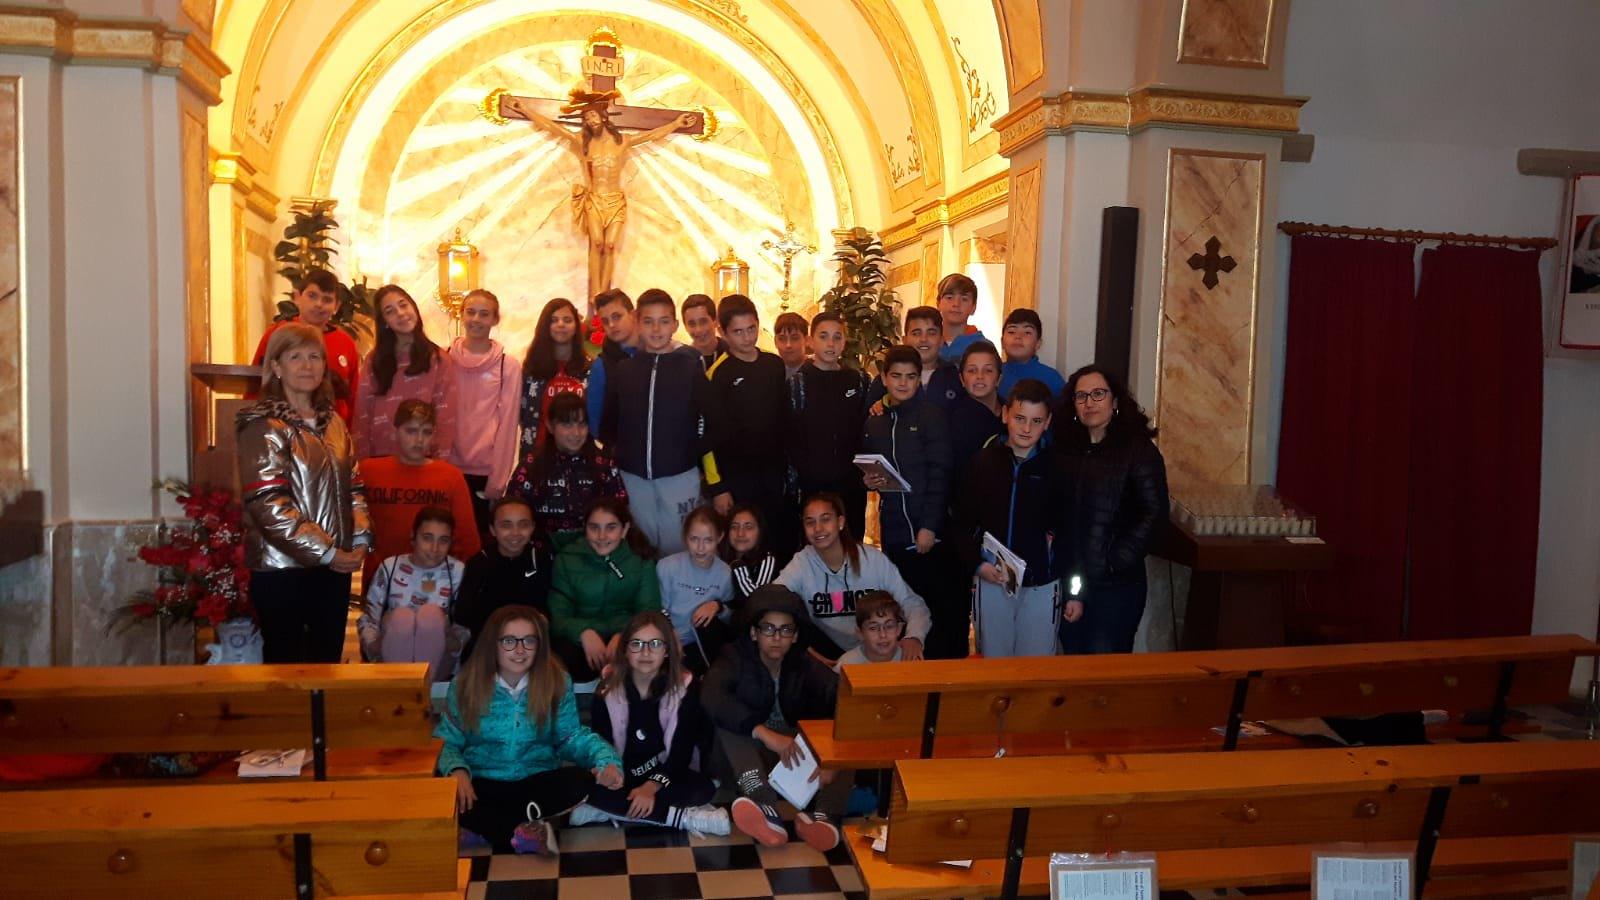 (2019-04-11) Visita ermita alumnos Pilar - 6 primaria -  9 de Octubre - María Isabel Berenguer (11)